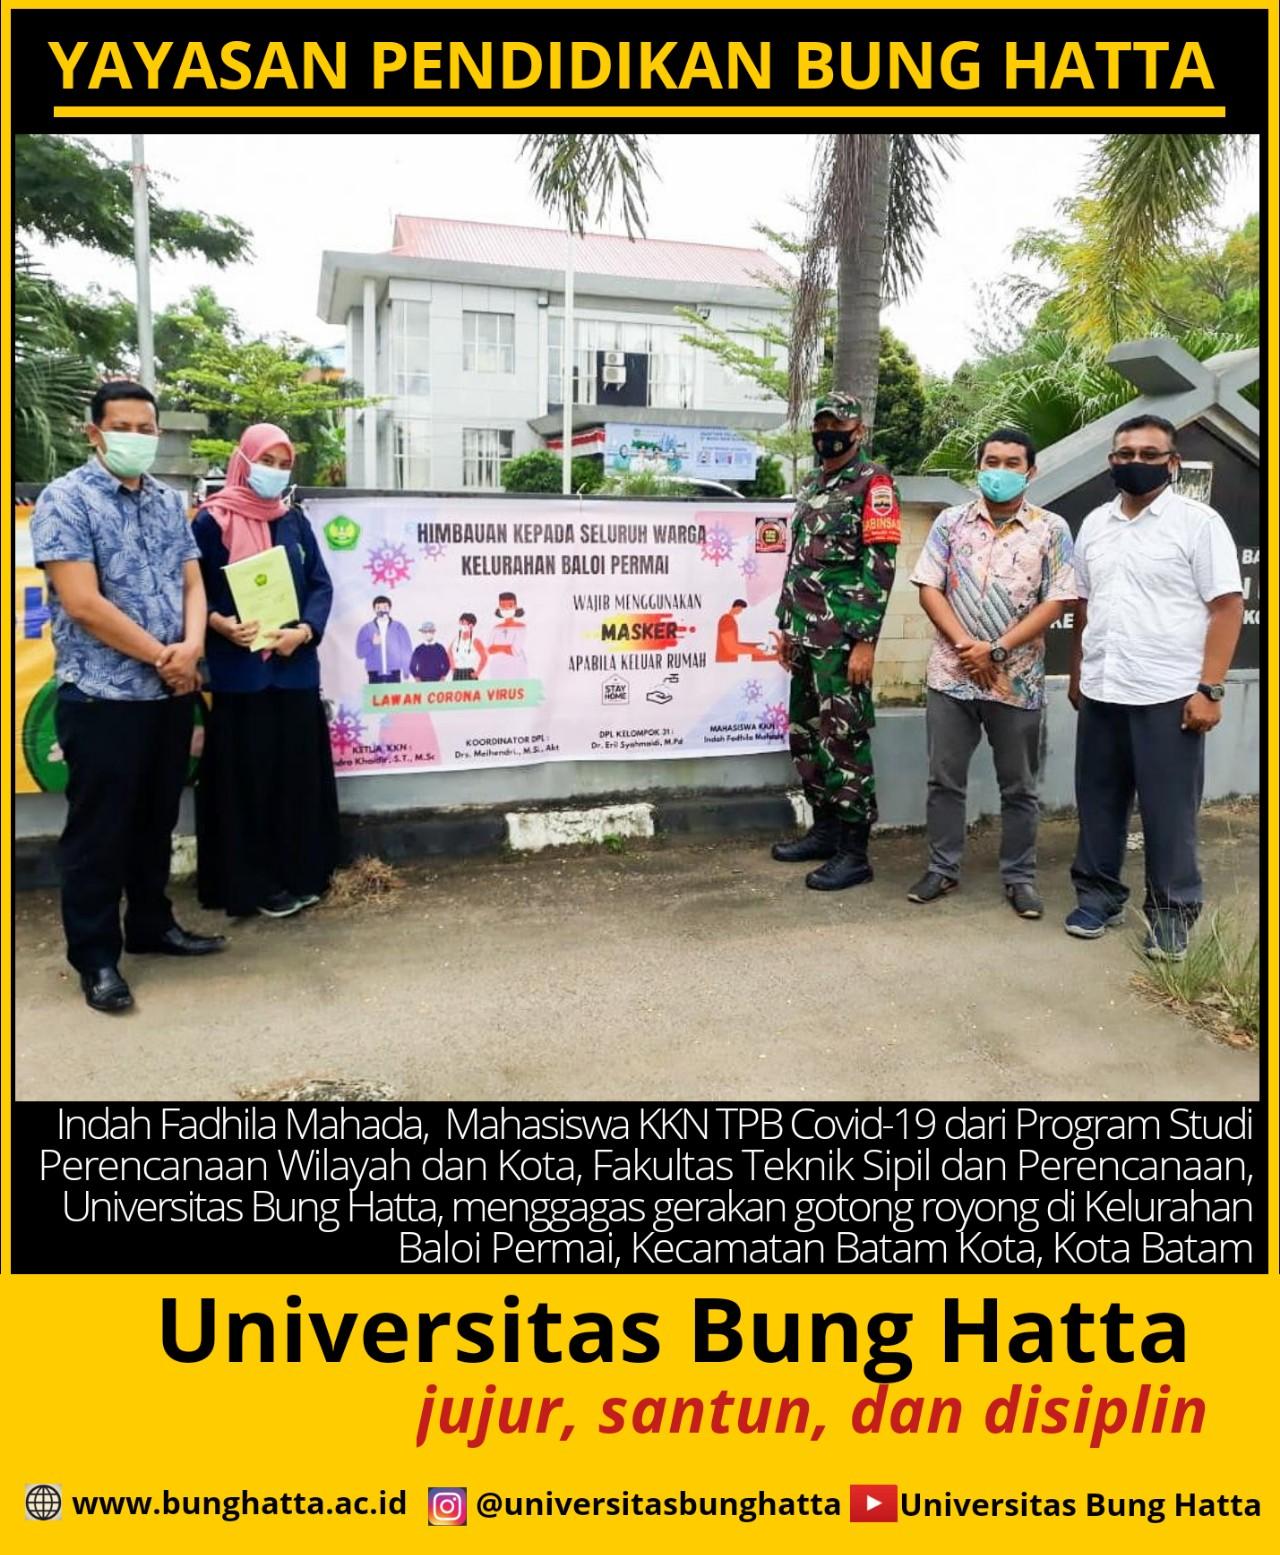 Mahasiswa KKN TPB Covid-19 Universitas Bung Hatta Gagas Gerakan Gotong Royong di Batam